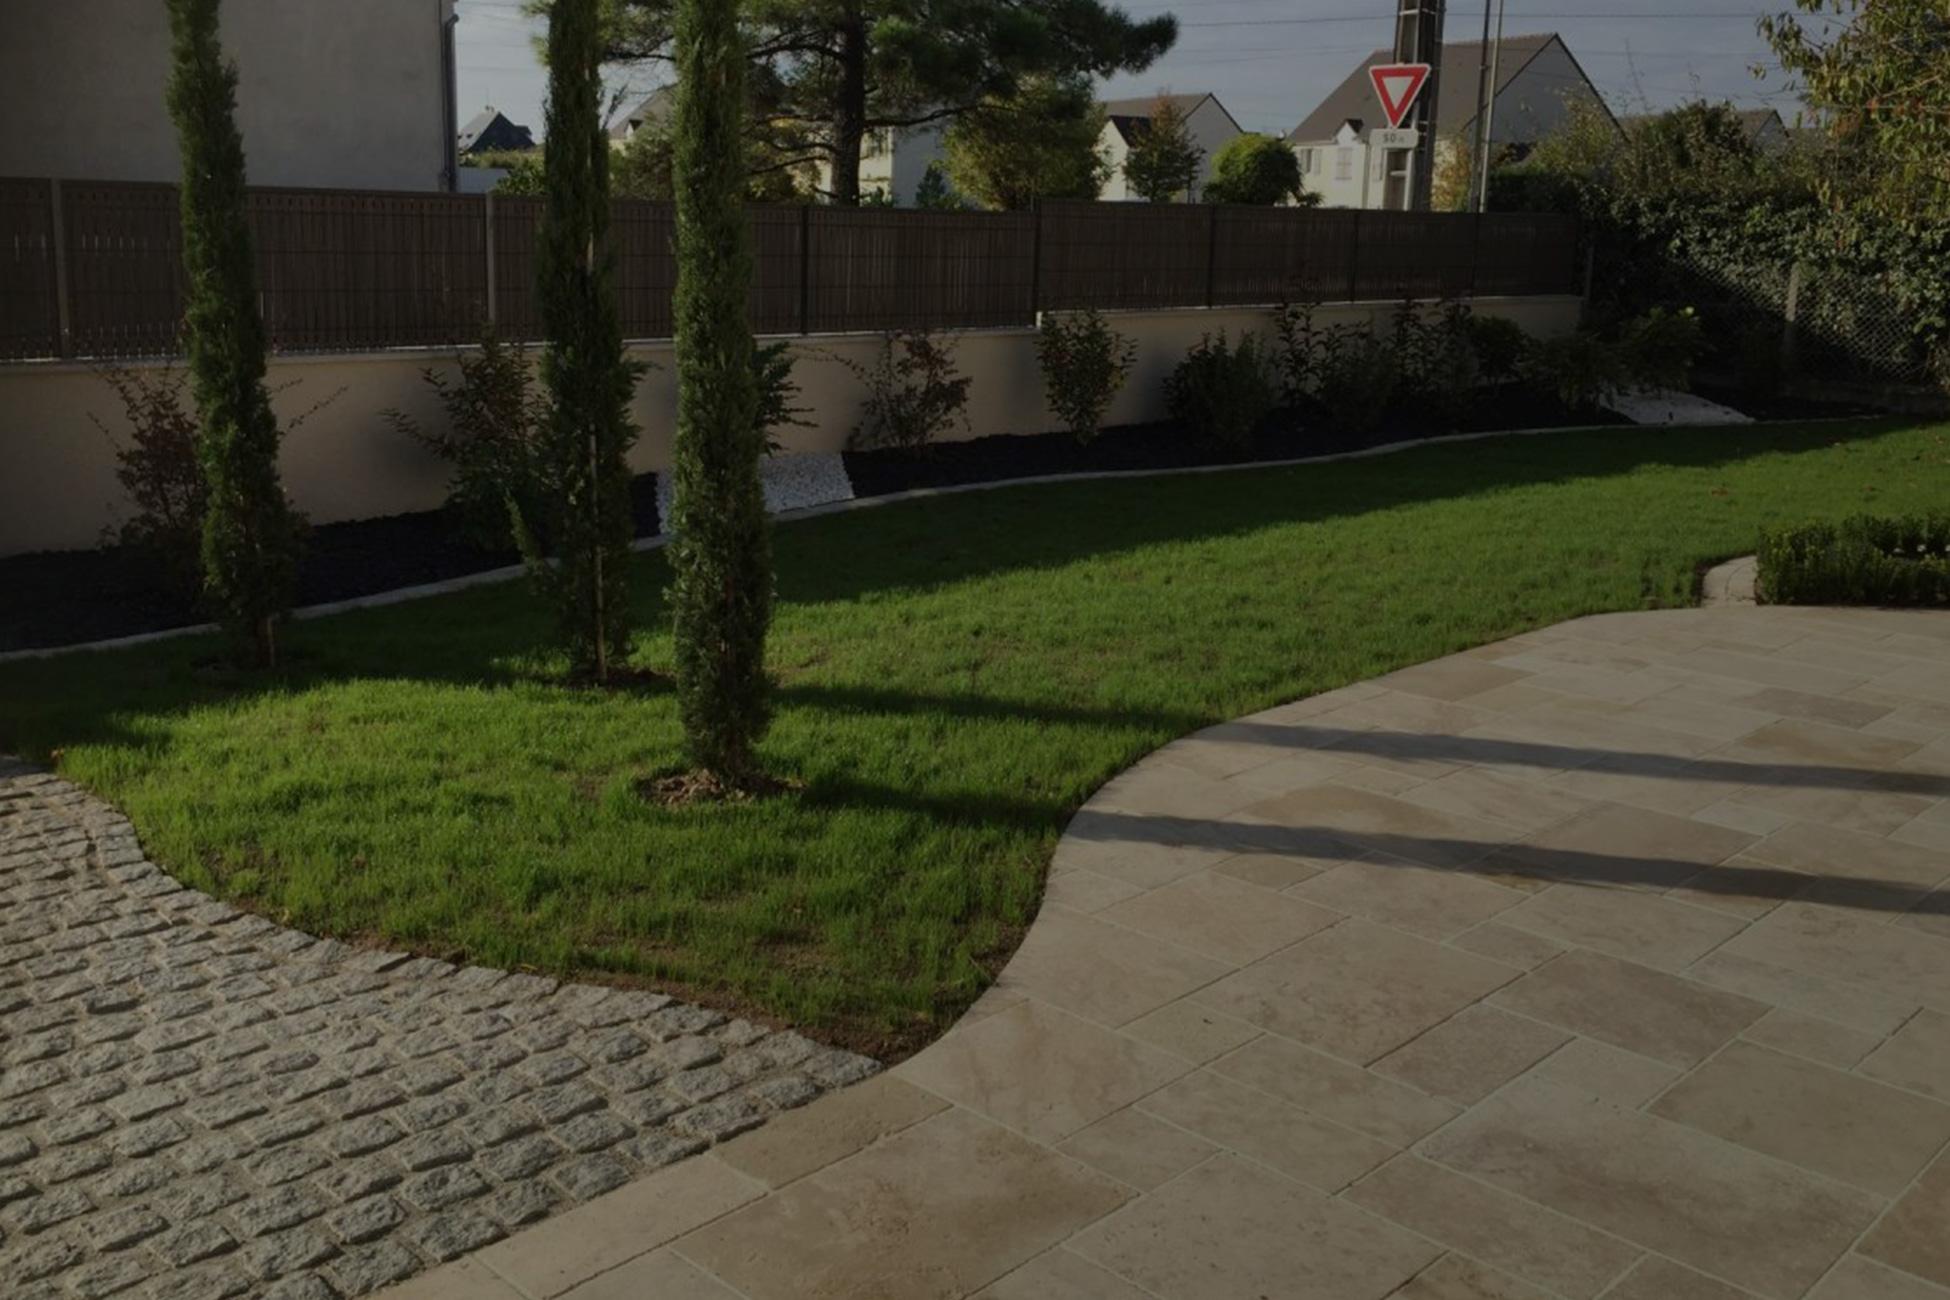 Aménagement extérieur d'un particulier avec terrasse, jardin et finition dallage Saint Avertin